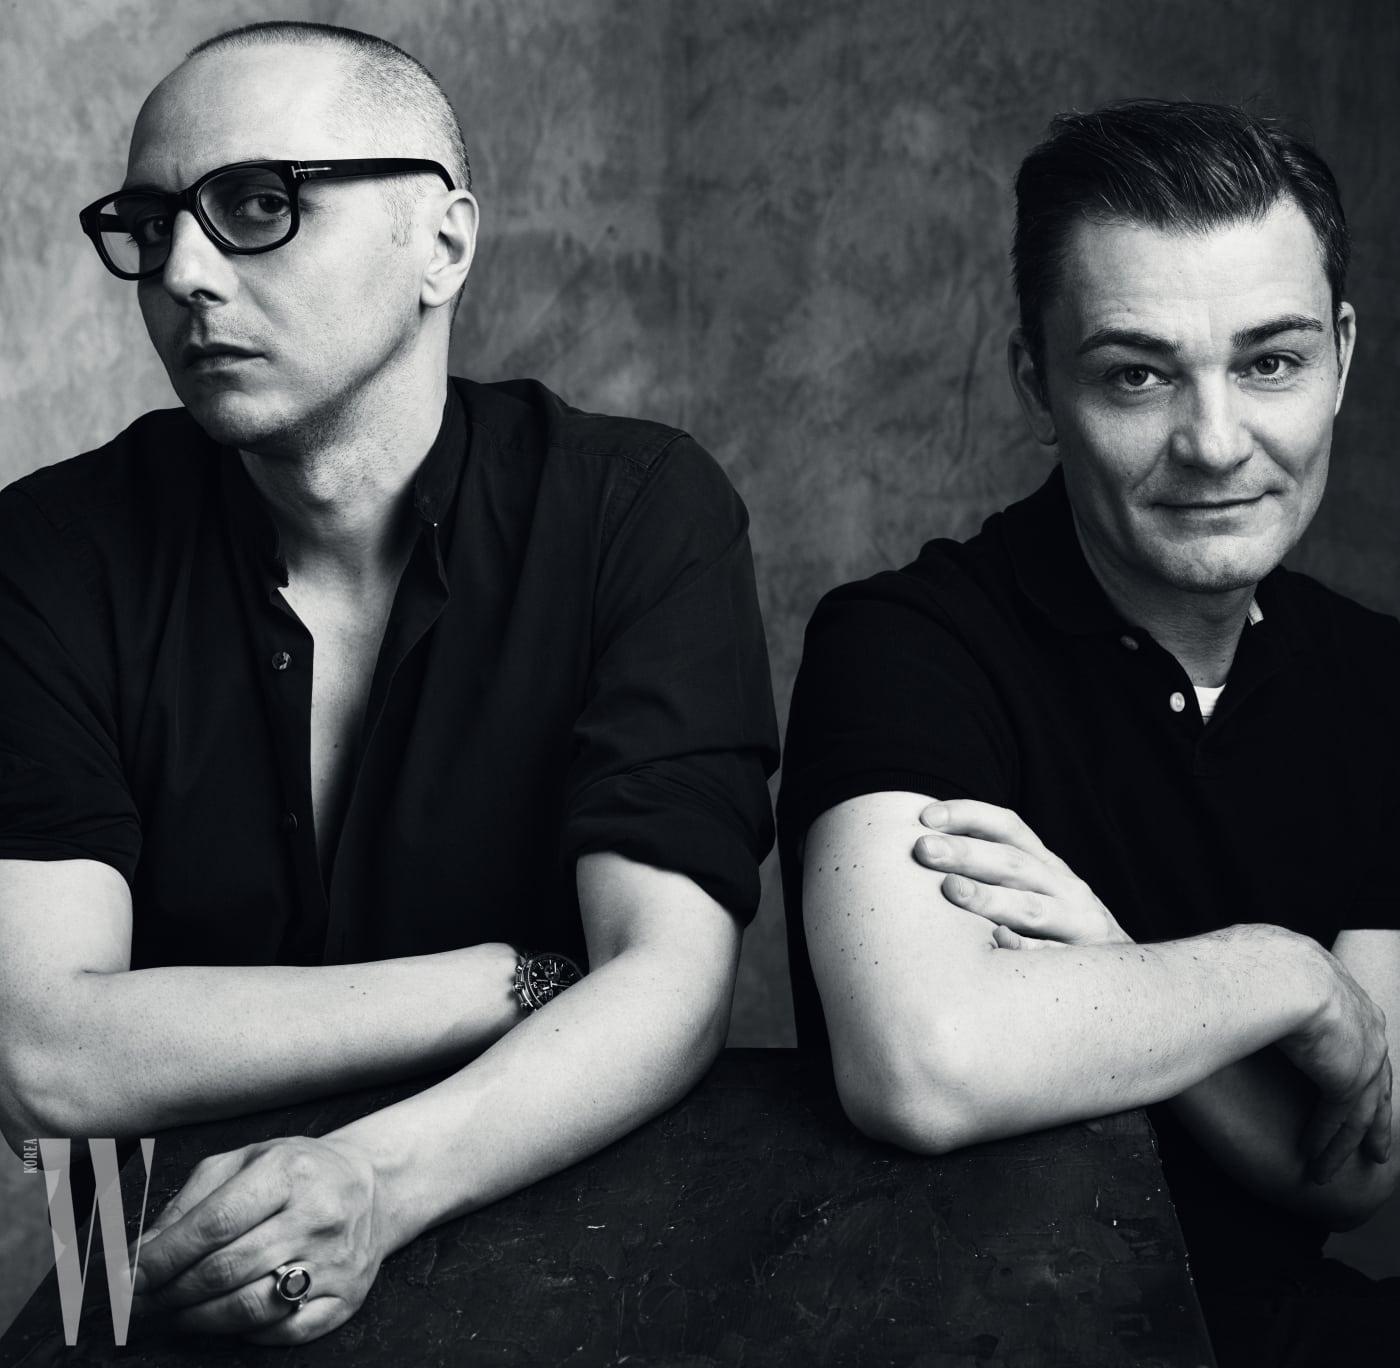 아퀼라노 리몬디와 페이를 이끌며 이탤리언 패션의 다채로운 멋을 보여주는 디자이너 듀오, 토마소 아퀼라노(좌)와 로베르토 리몬디(우).